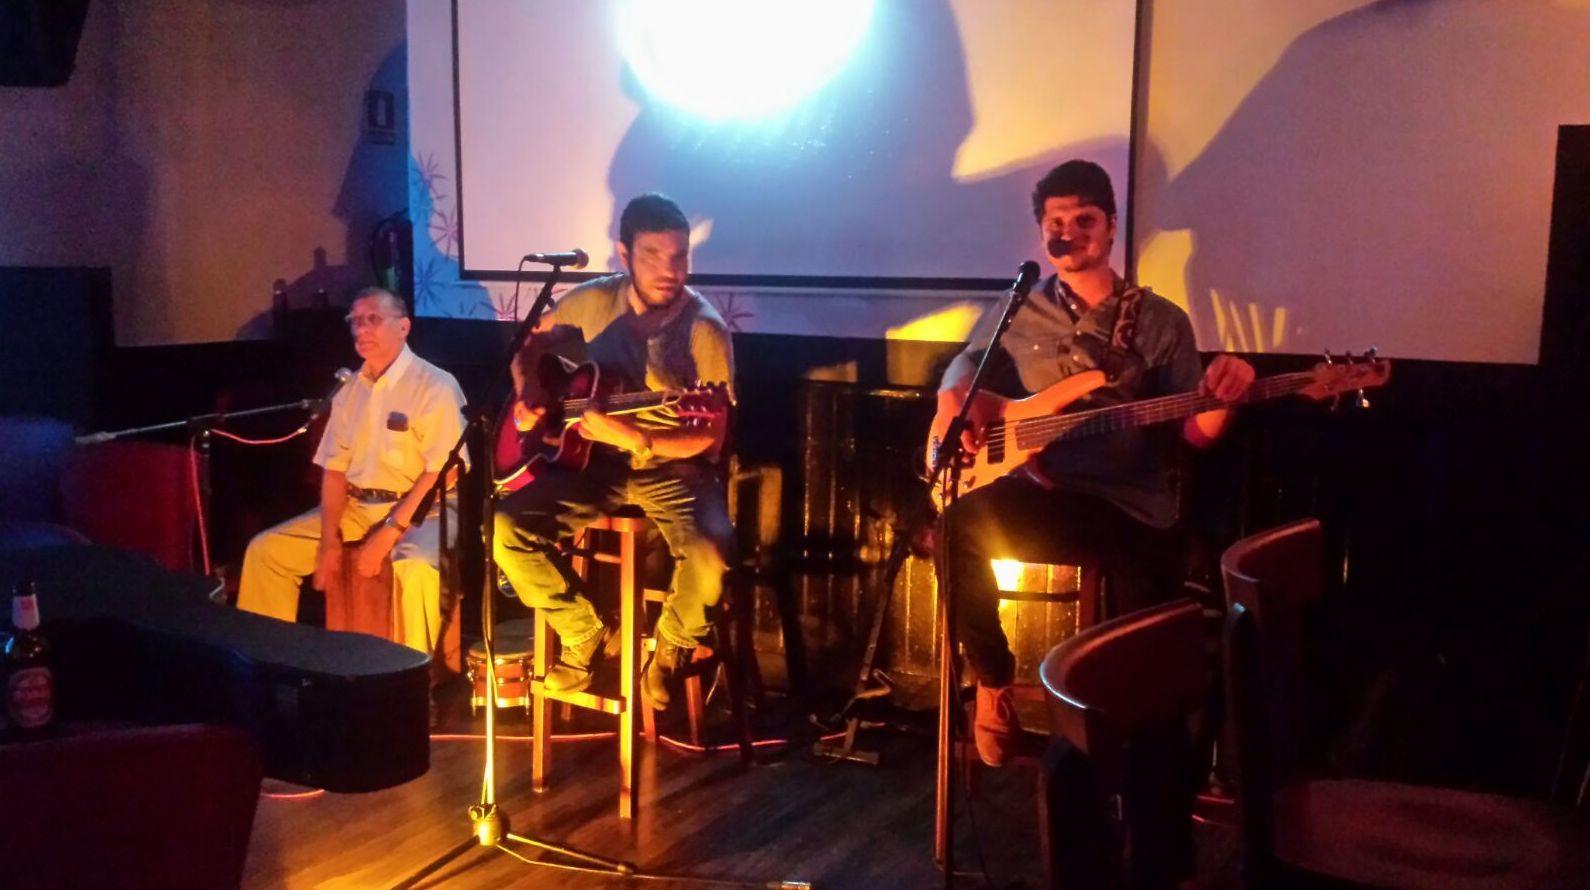 Música latina en directo en Aluche